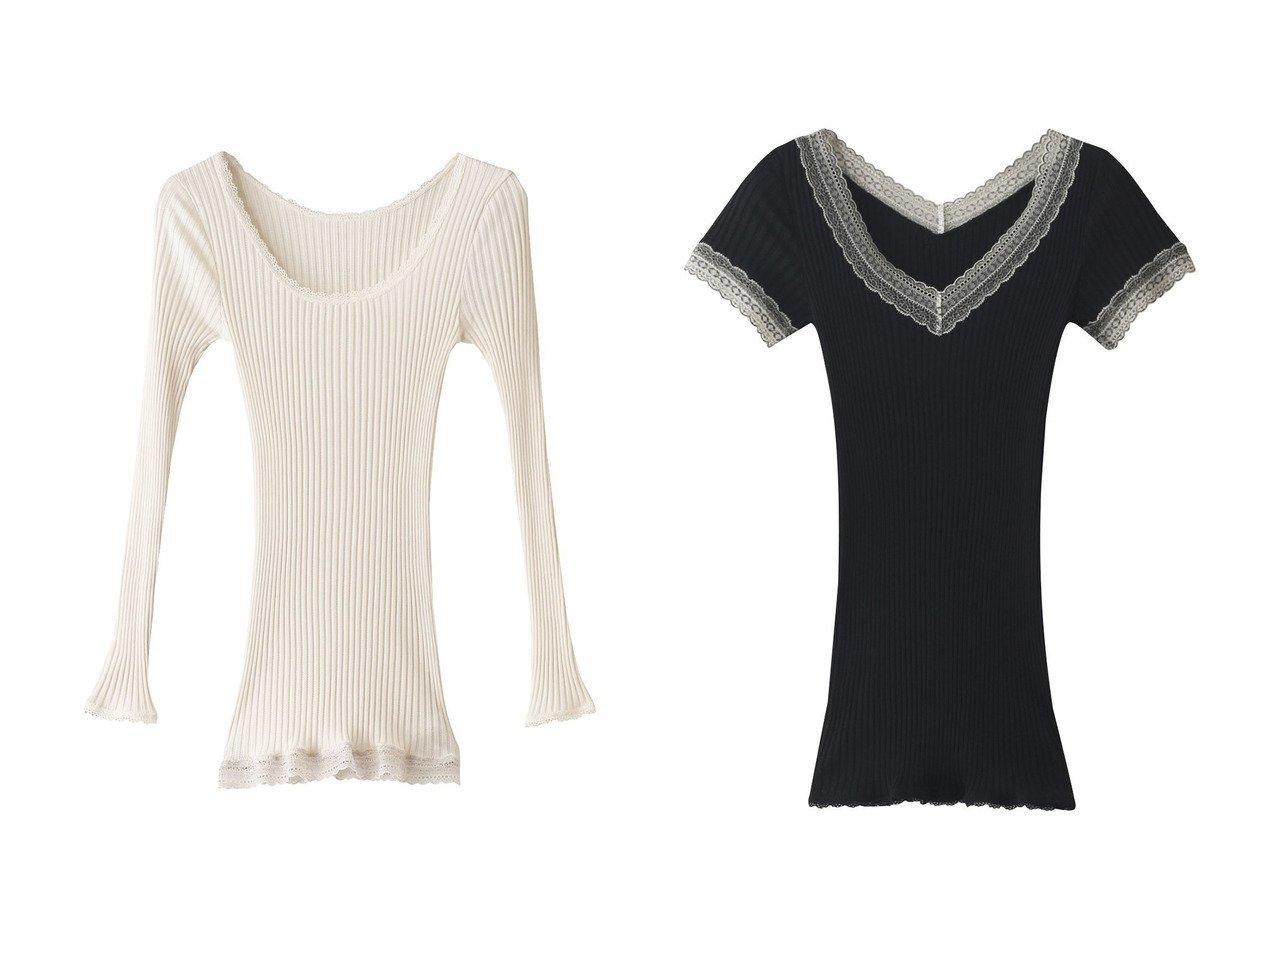 【KID BLUE/キッドブルー】のパウダーコットンリブ長袖インナー&パウダーコットンリブ半袖インナー 【ルームウェア・パジャマ】おすすめ!人気、トレンド・レディースファッションの通販 おすすめで人気の流行・トレンド、ファッションの通販商品 インテリア・家具・メンズファッション・キッズファッション・レディースファッション・服の通販 founy(ファニー) https://founy.com/ ファッション Fashion レディースファッション WOMEN 下着・ランジェリー Underwear その他インナー・ランジェリー Other lingerie おすすめ Recommend インナー セットアップ パウダー ランジェリー レース 半袖 フィット 長袖 |ID:crp329100000071783